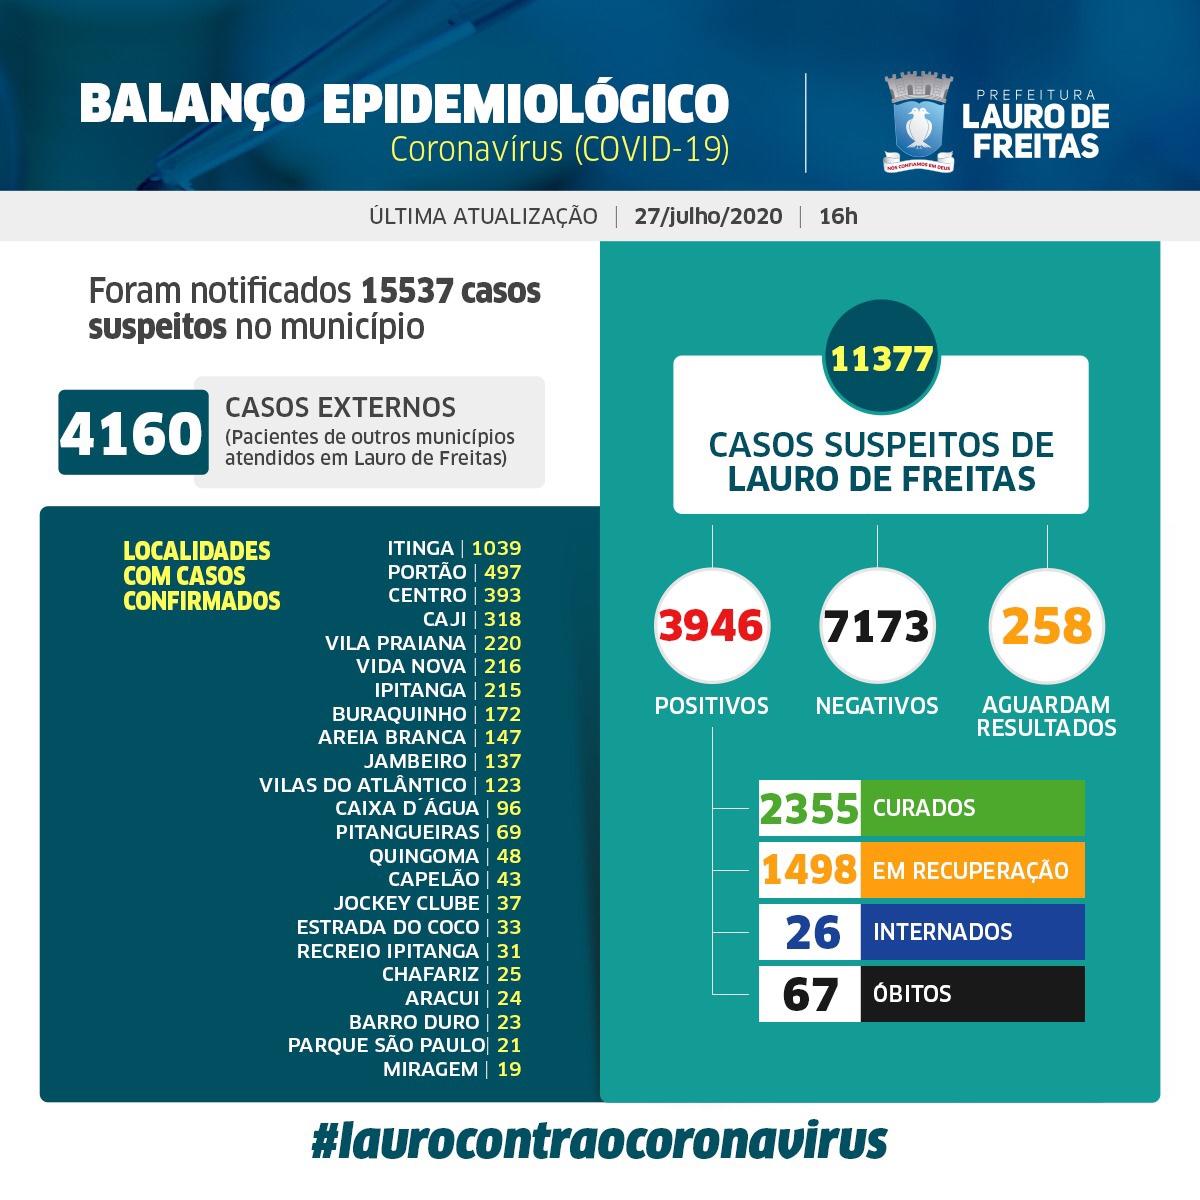 2.355 pessoas já estão curadas da Covid-19 em Lauro de Freitas; veja os números